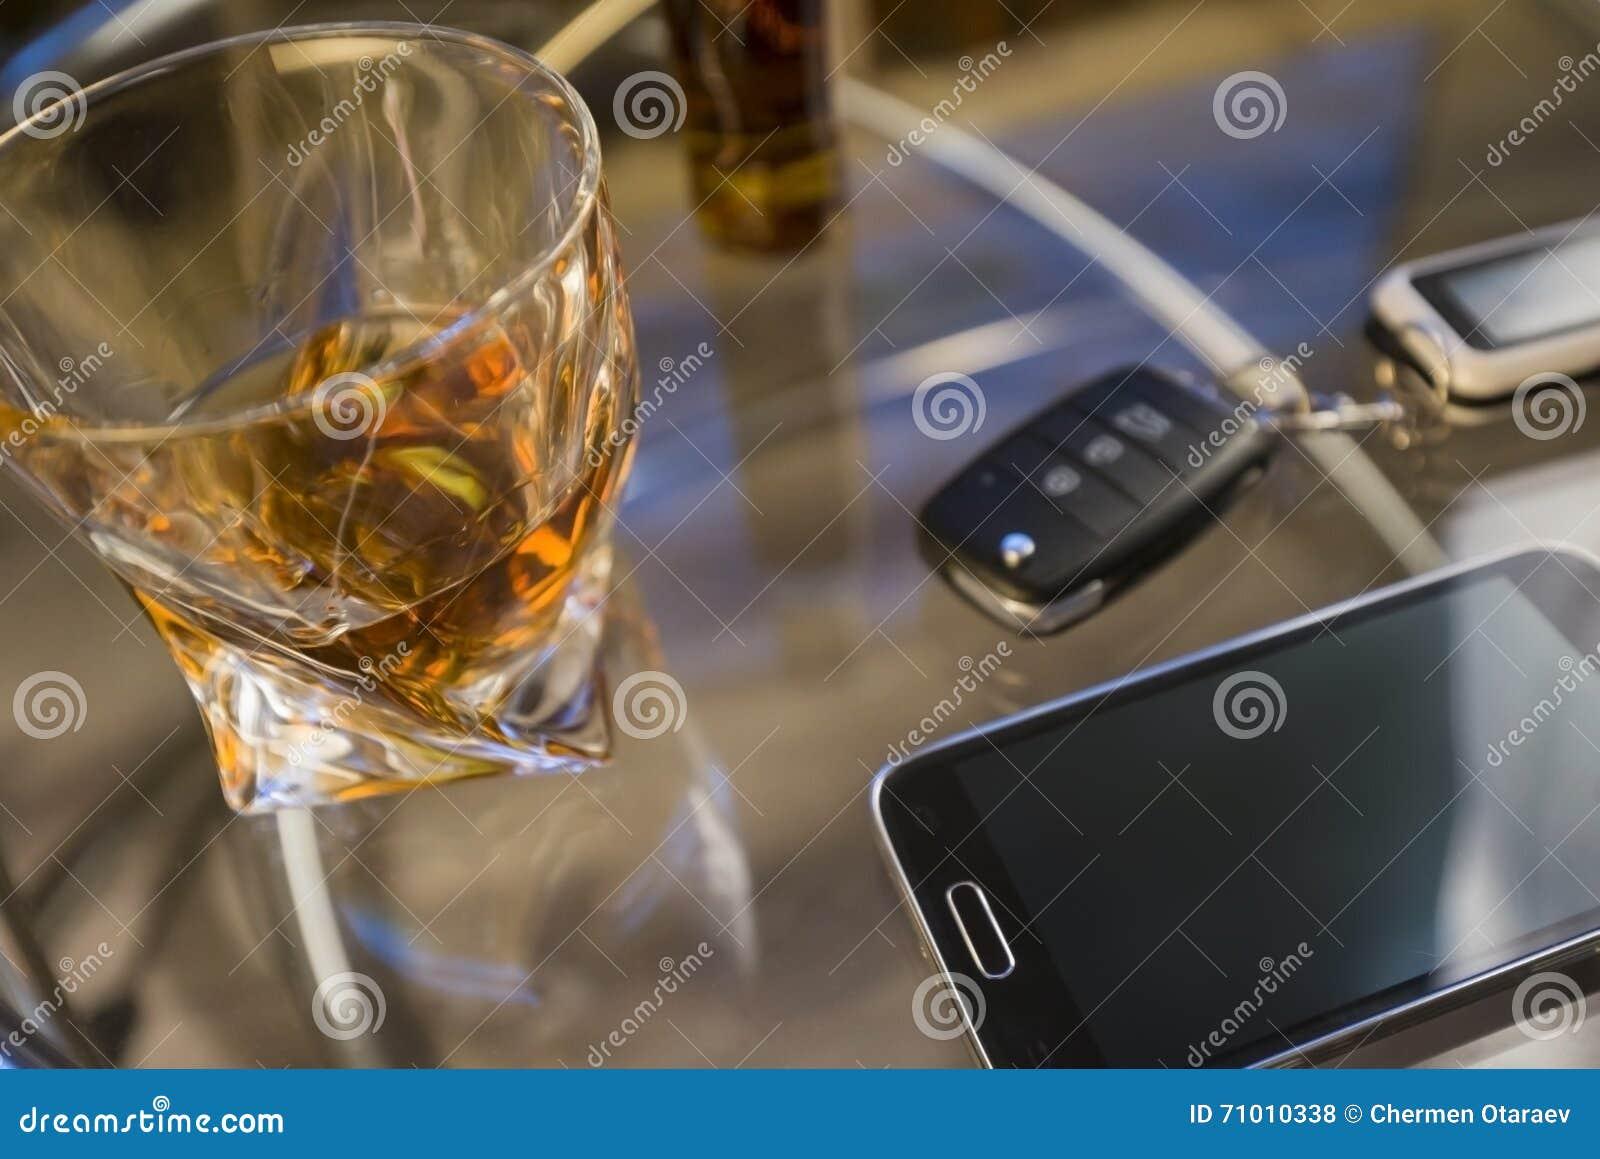 Het glas van alcoholische drank en de auto sluiten, op de lijst, lichte achtergrond